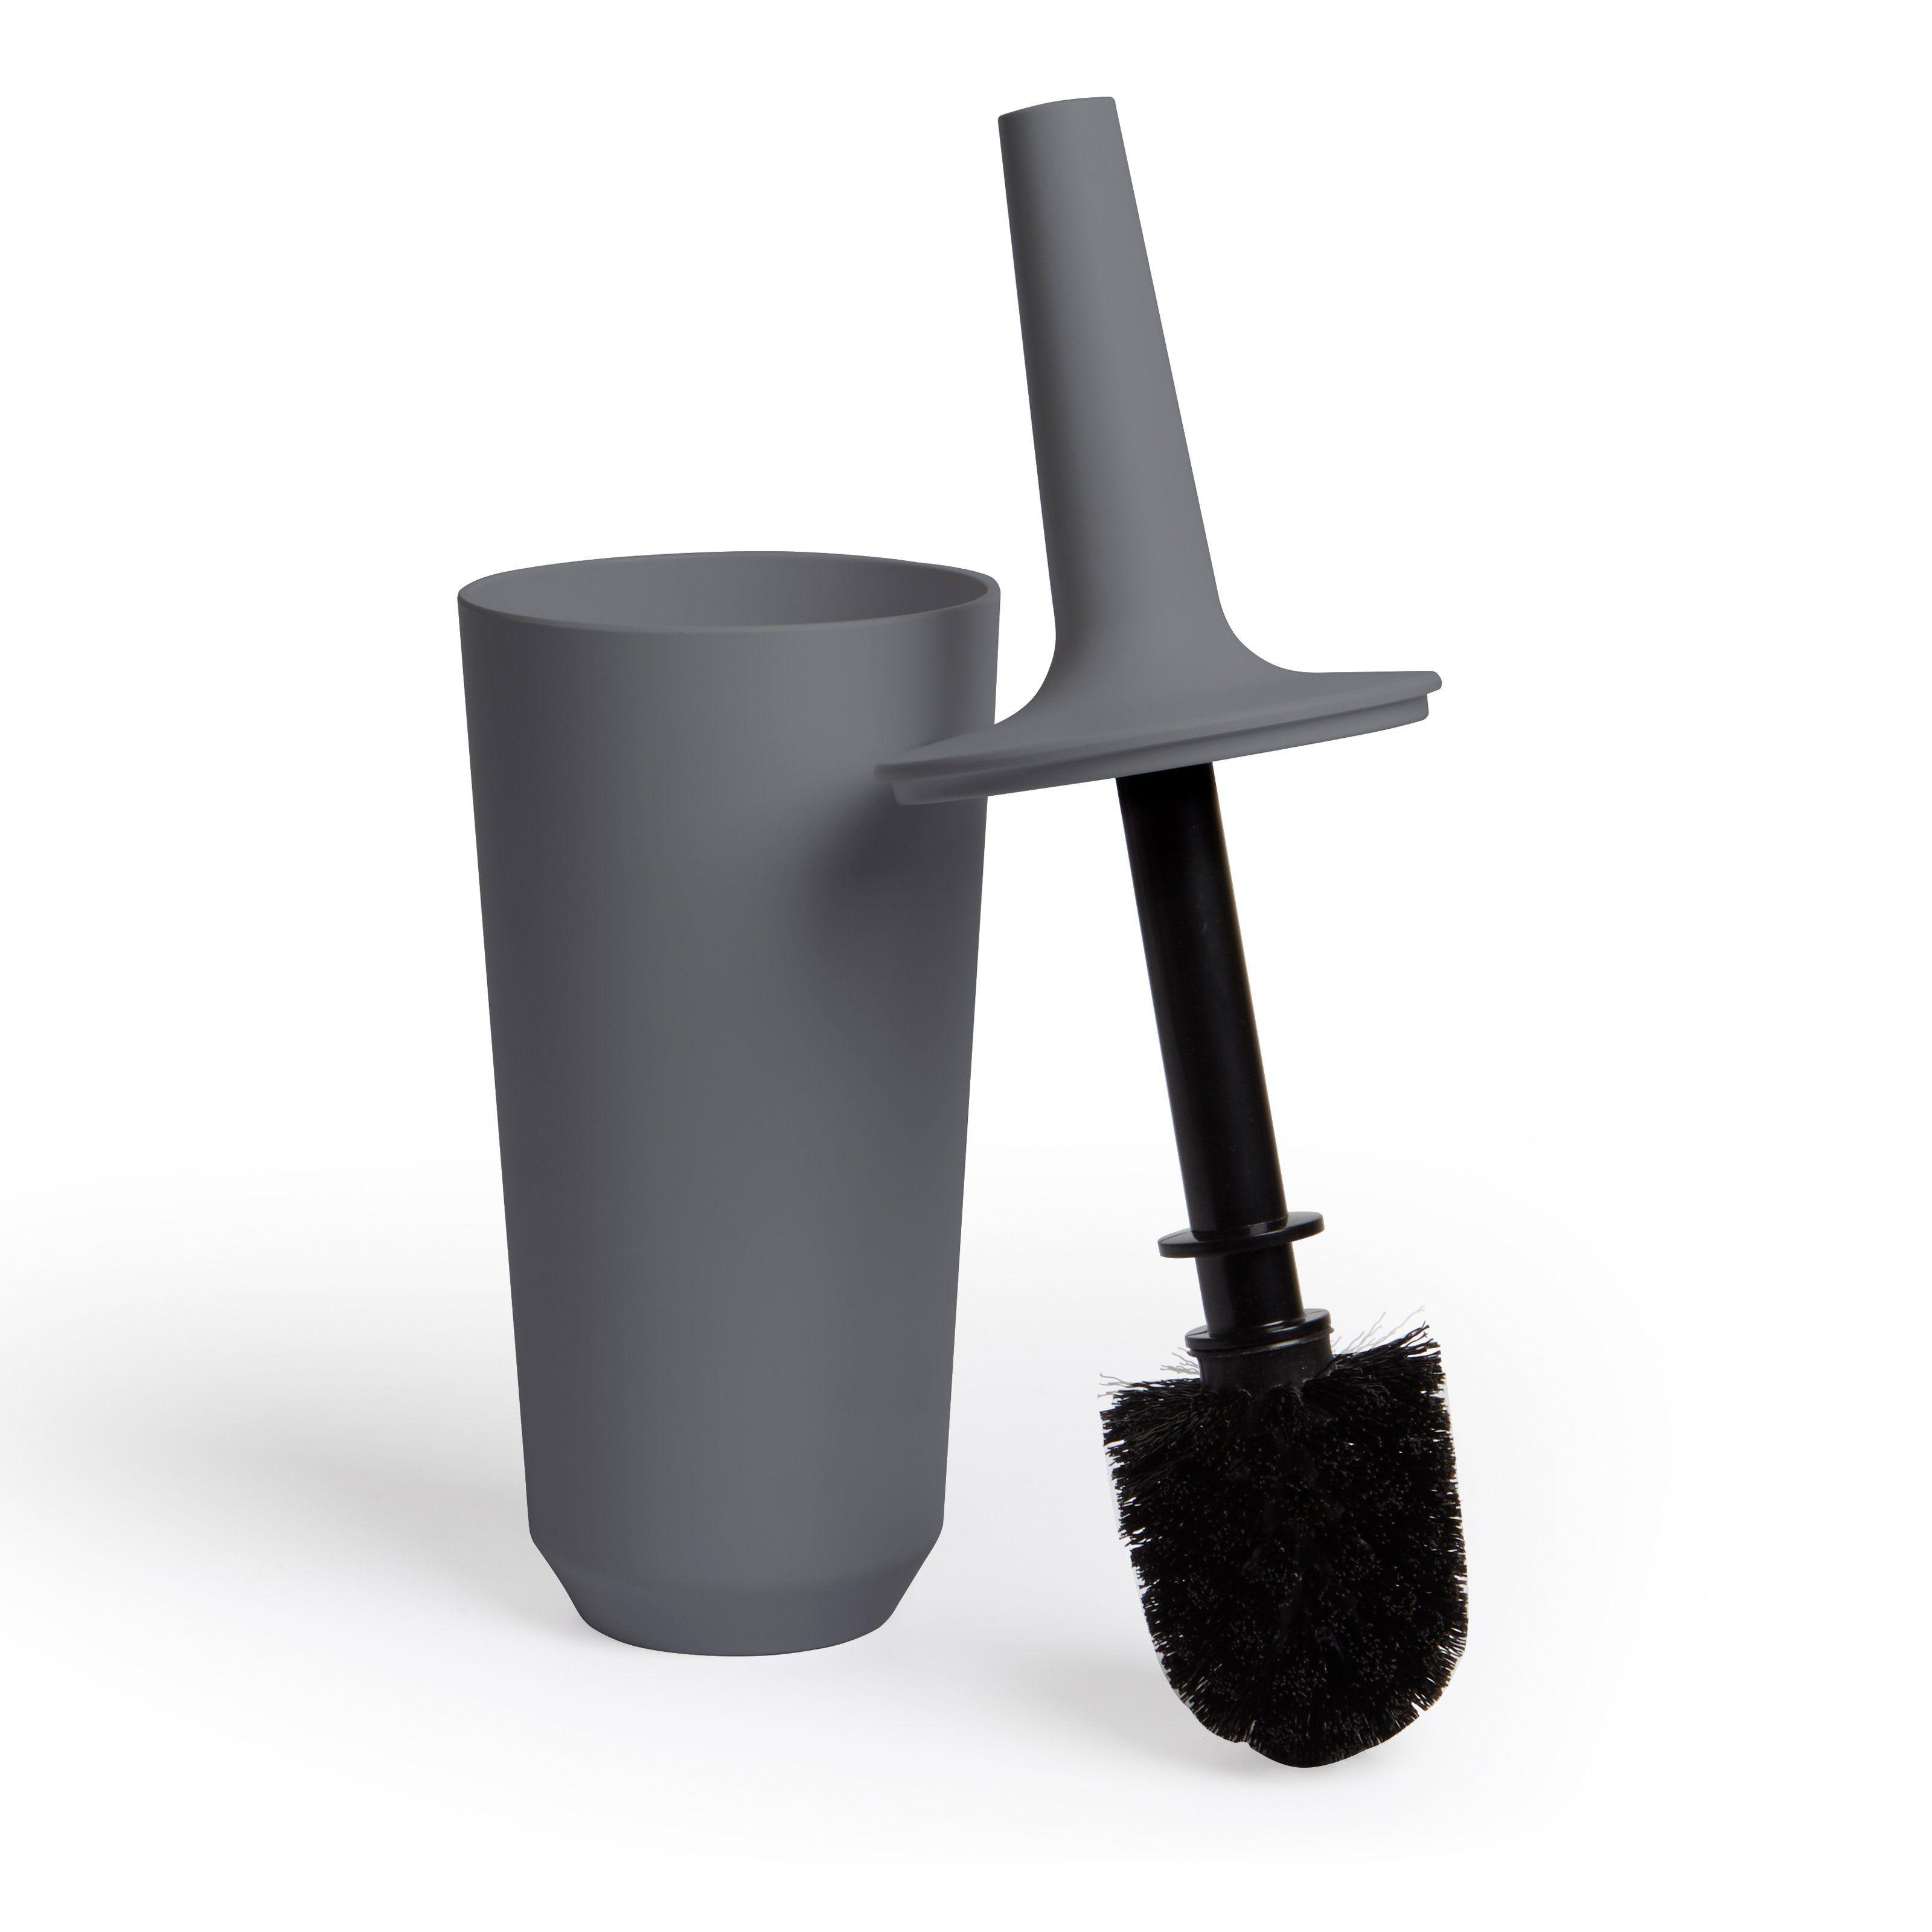 Umbra LLC Corsa Toilet Brush - 1004478-149